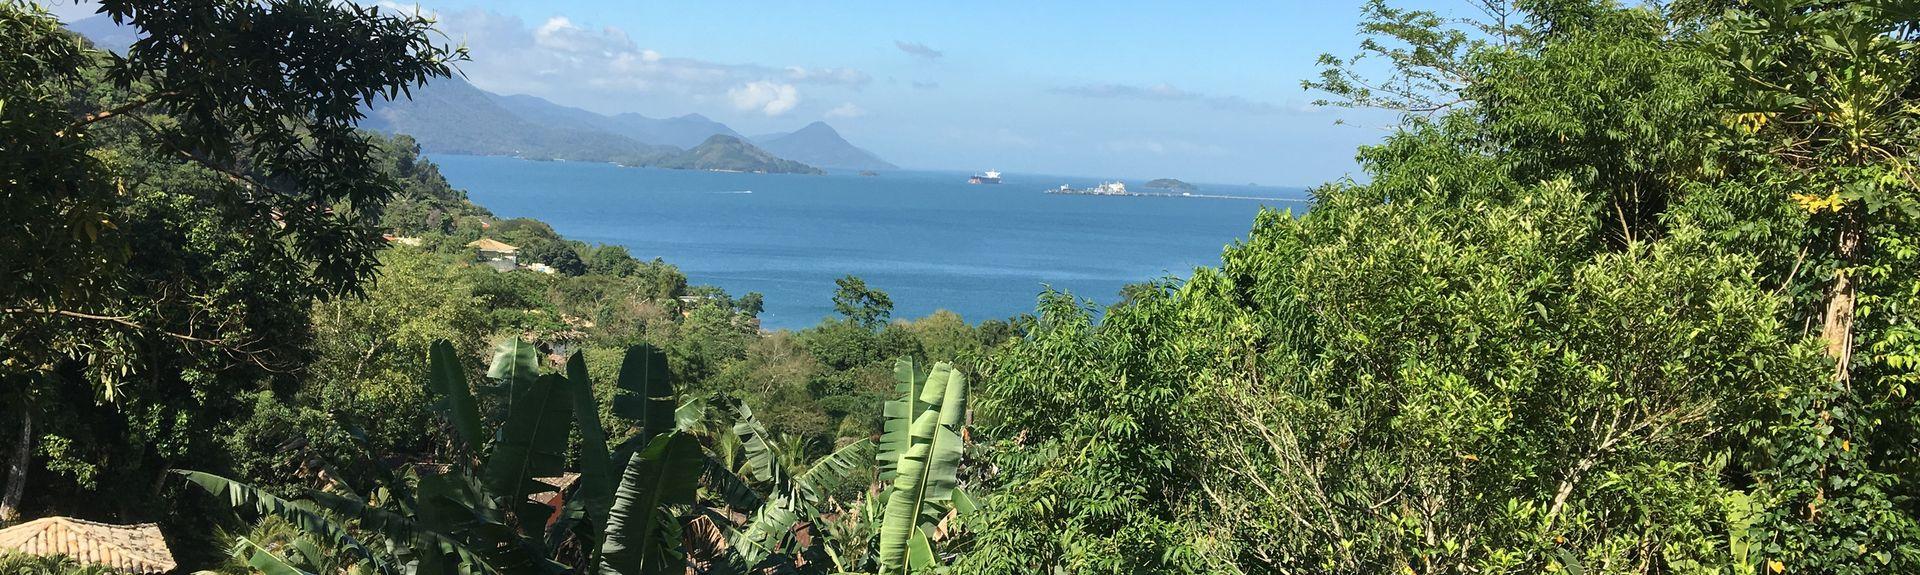 Ilha da Gipóia, Ilha da Gipóia, Angra dos Reis, Rio de Janeiro, Brasilien